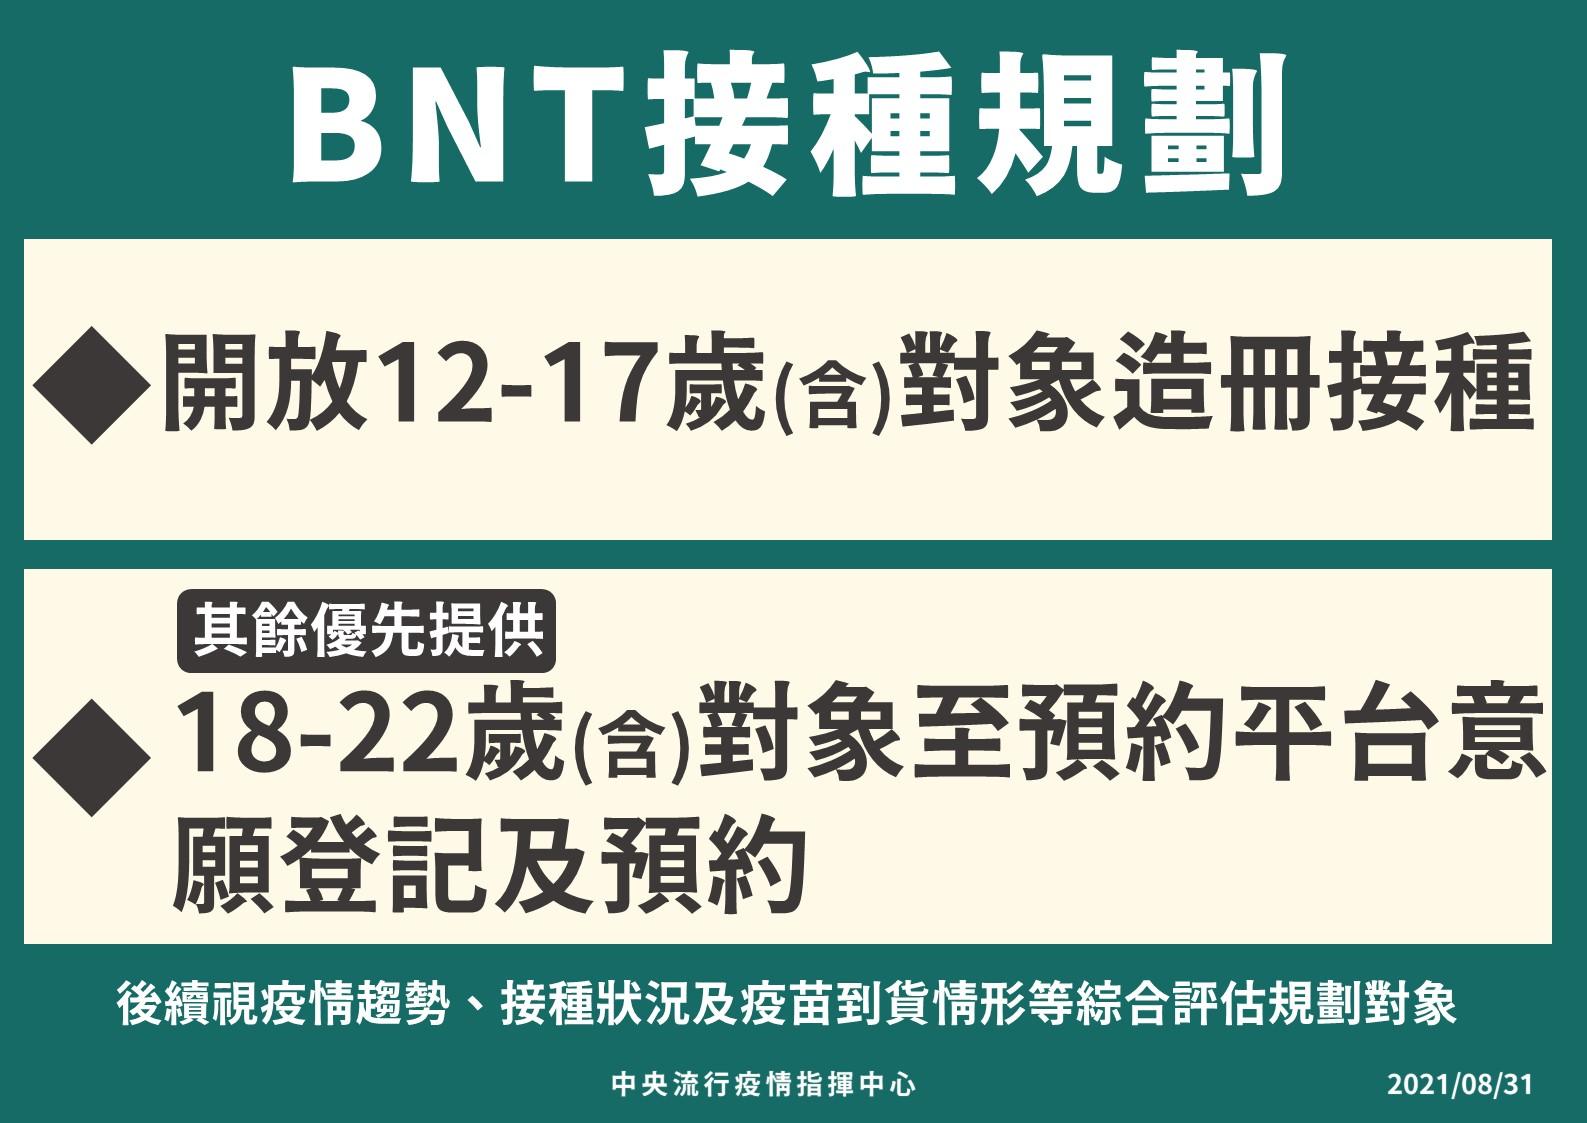 「首批BNT疫苗」明早抵台!第2批有望1週內跟著到,9月中開始施打